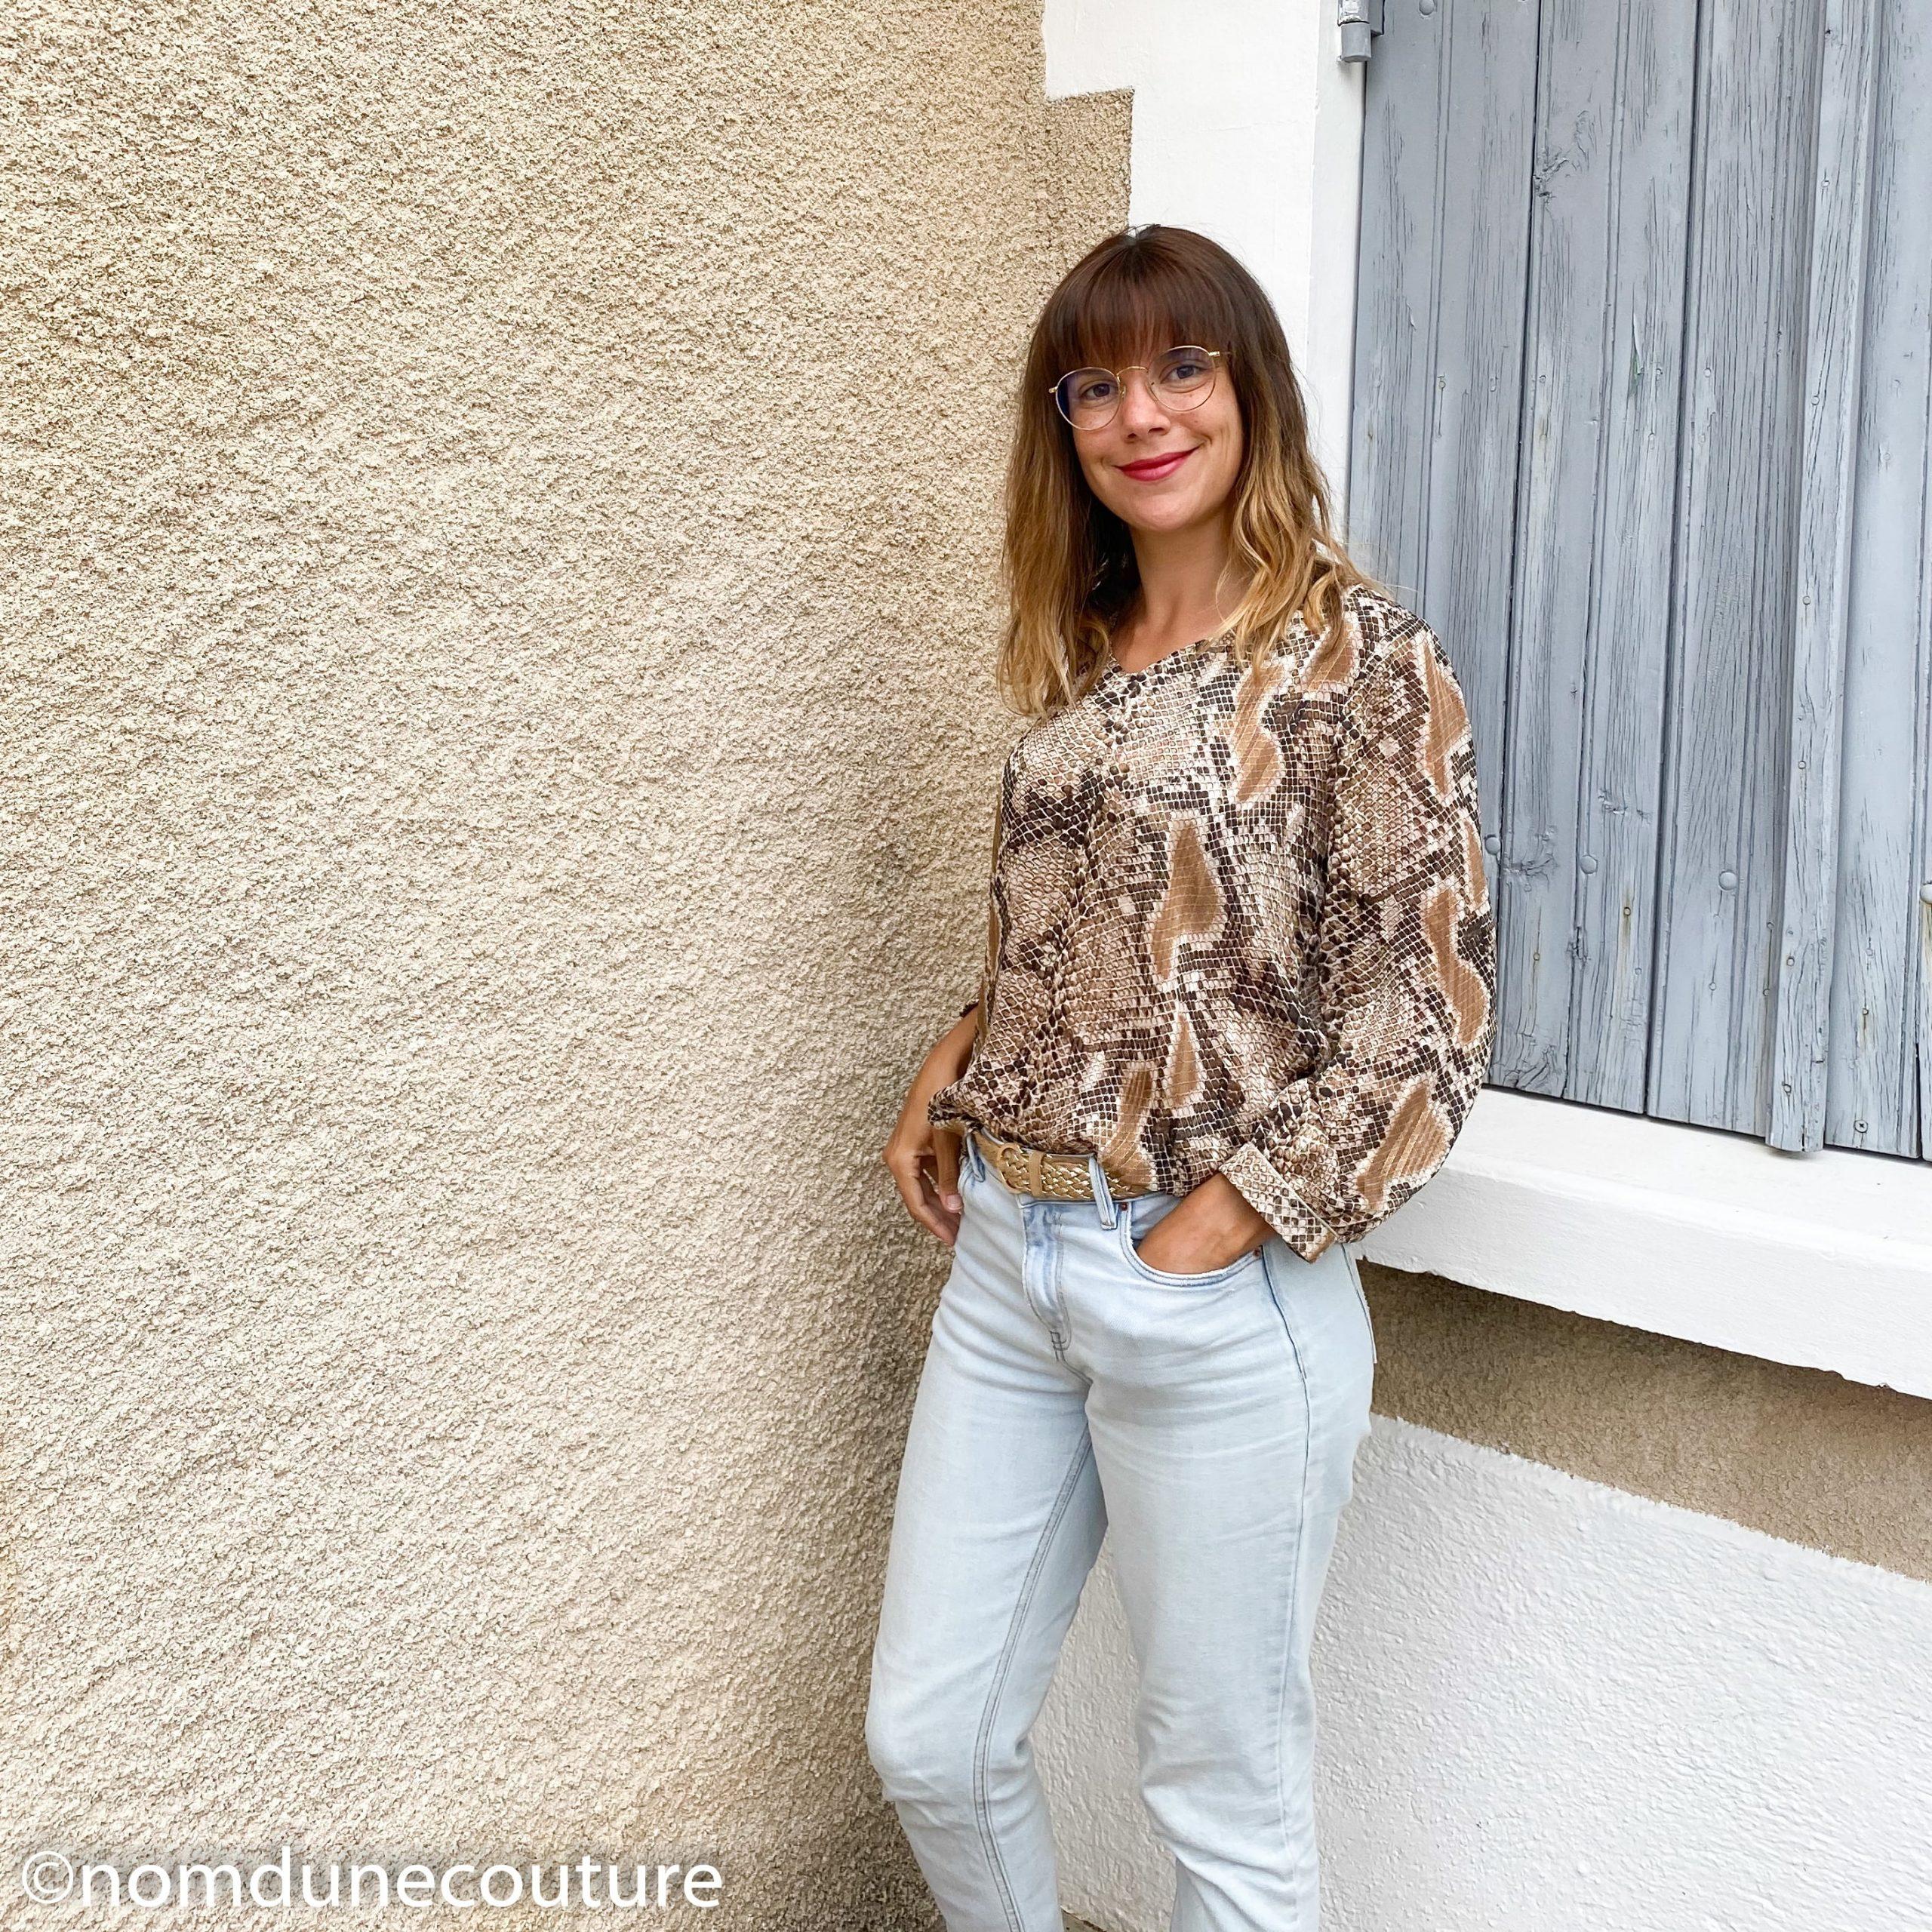 comment porter la blouse MS 10.19 mouna sew